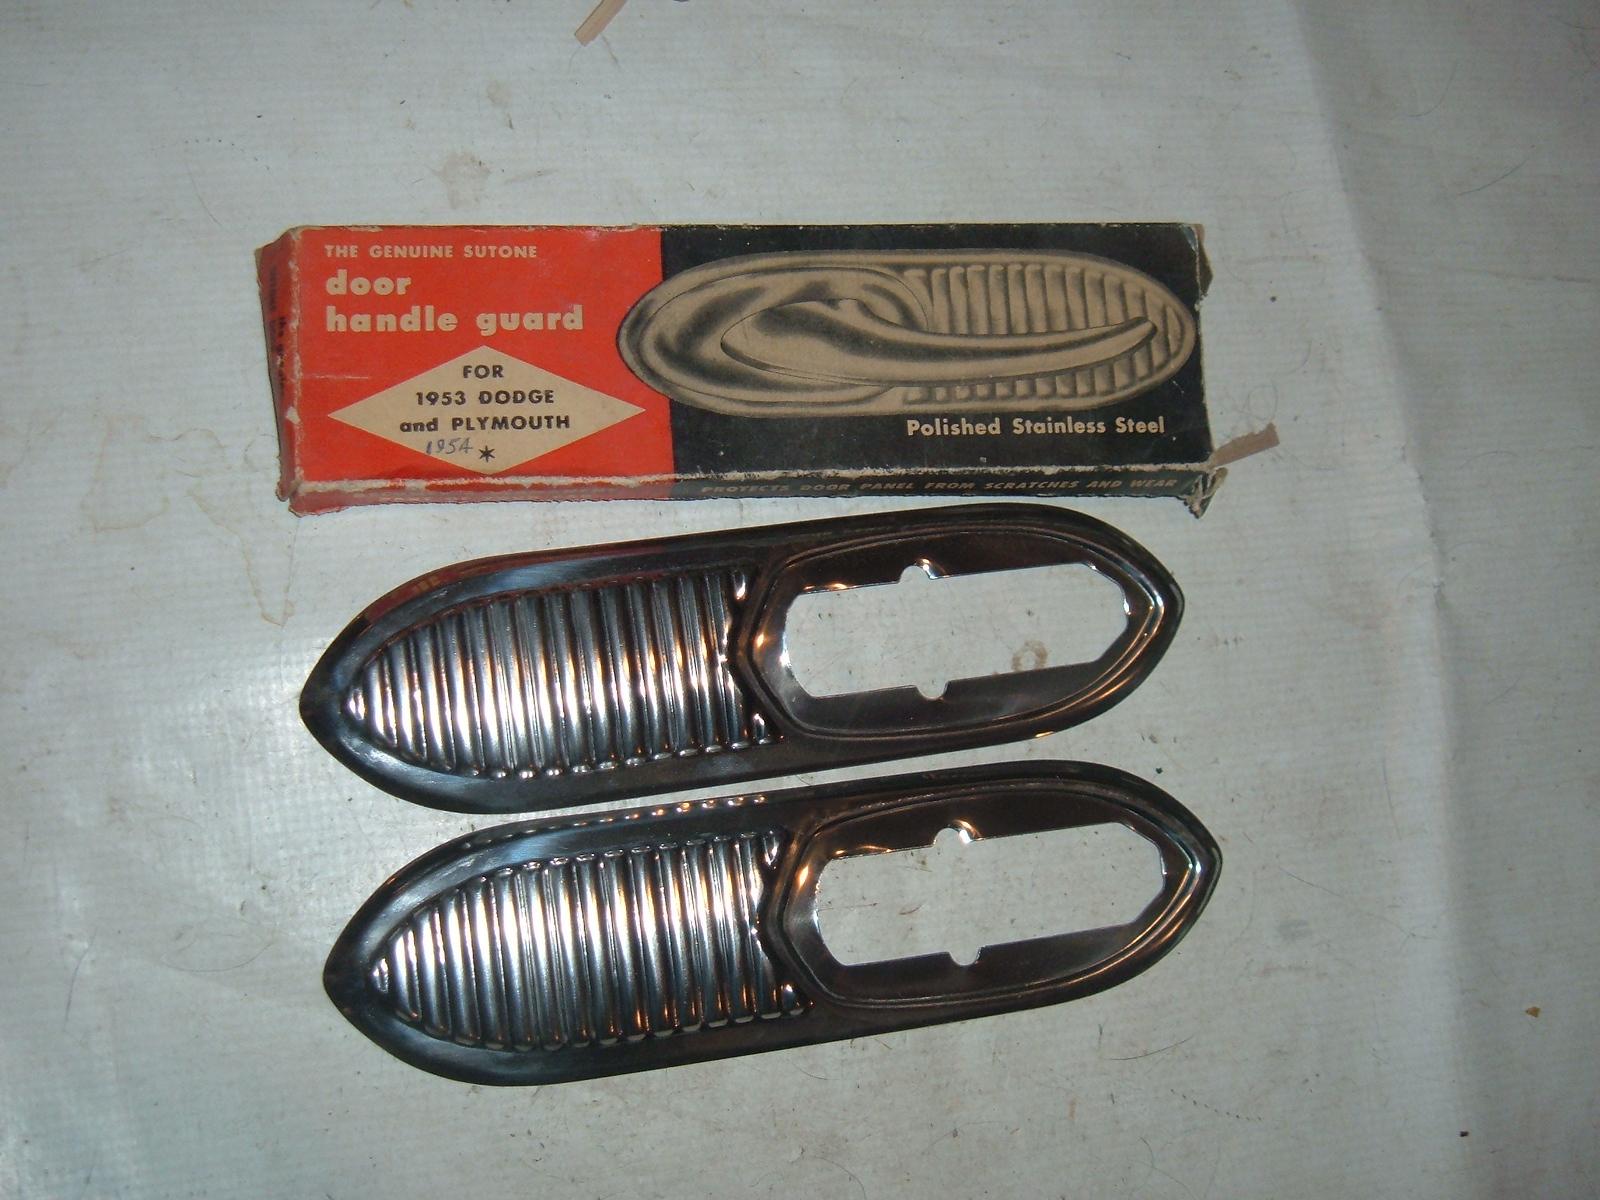 1953 54 dodge plymouth door handle gaurd shields new (z mopardoorshield)